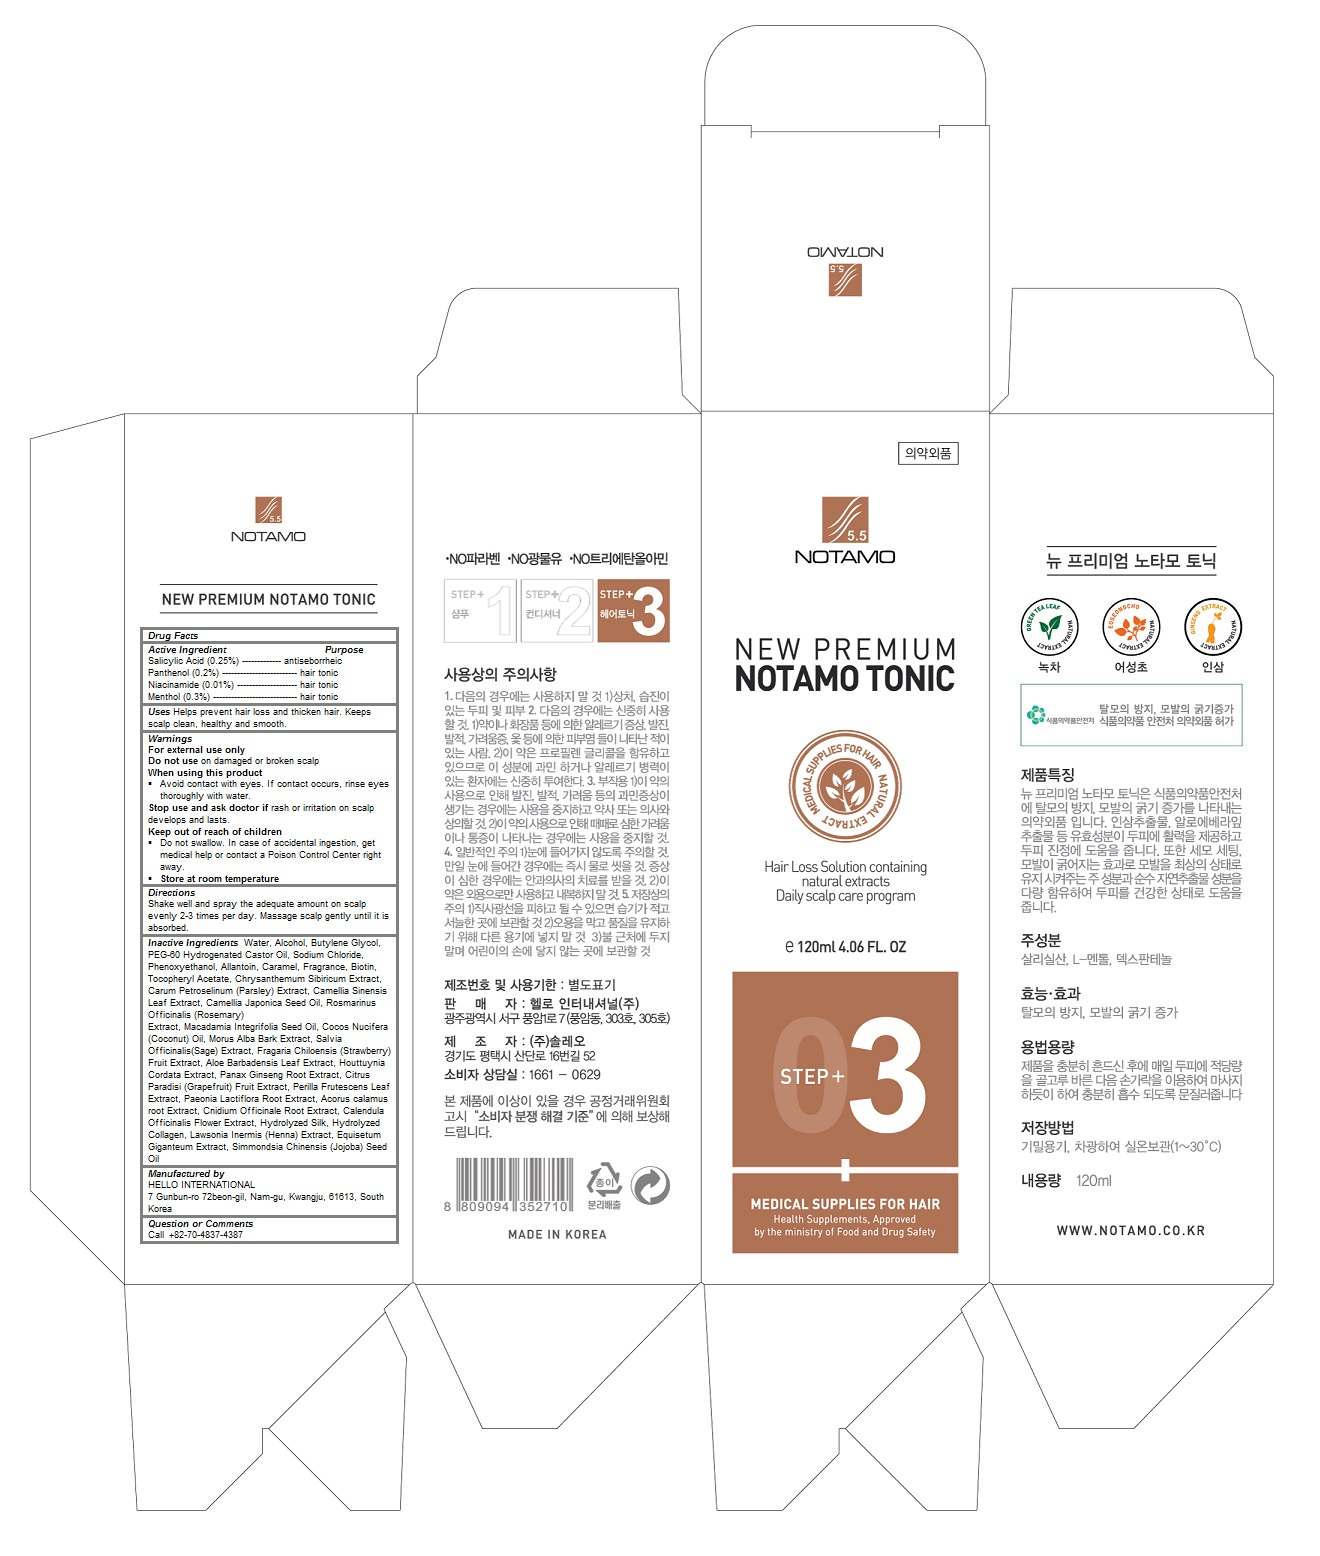 New Premium Notamo Tonic   Panthenol, Niacinamide, Menthol, Salicylic Acid Liquid while Breastfeeding